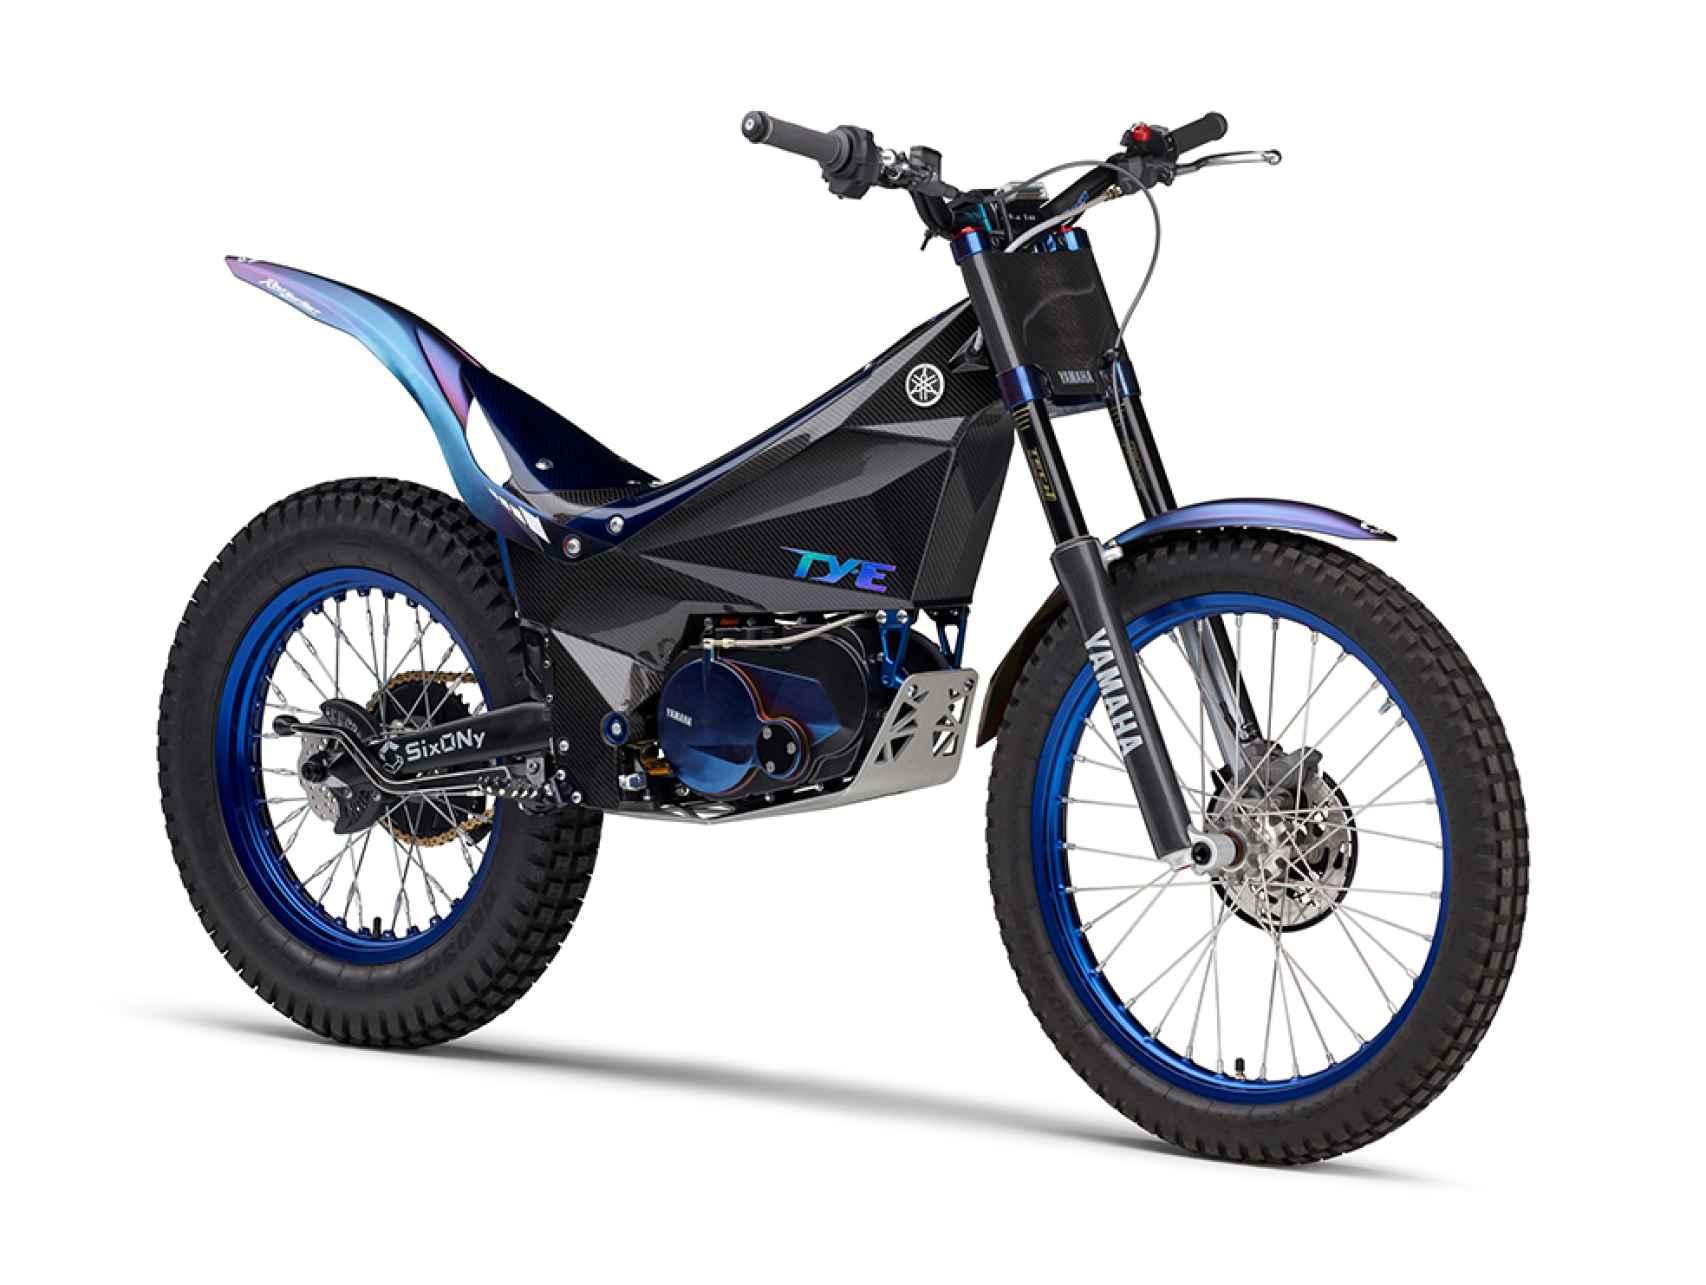 Yamaha TU-E